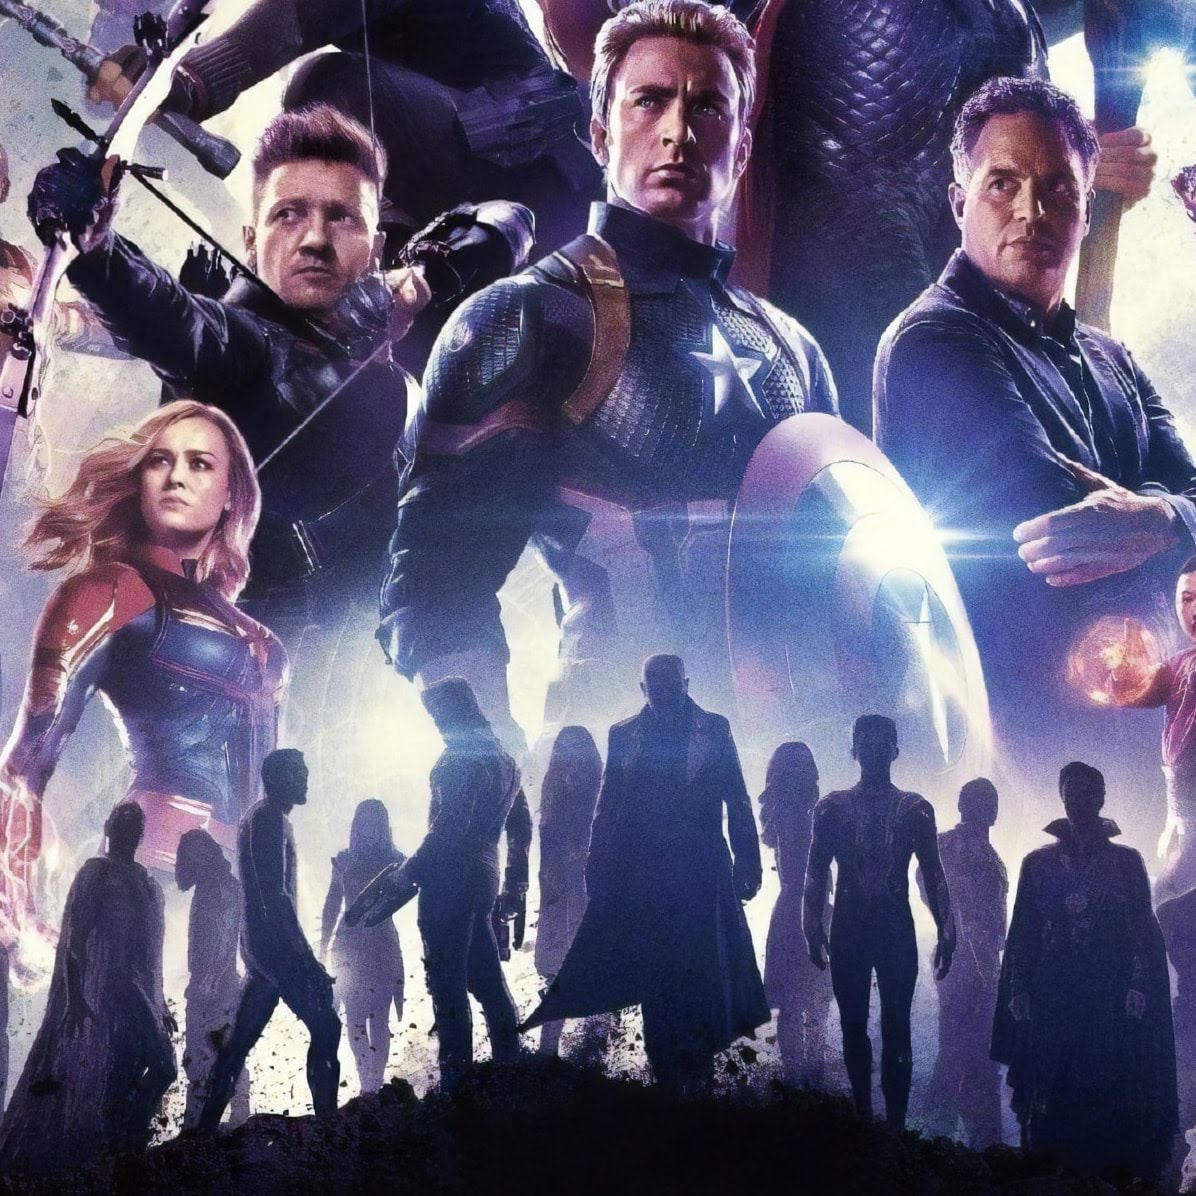 Avengers Endgame : 史上最大封切りヒットの「アベンジャーズ : エンドゲーム」で、最も活躍をしていたヒーローは誰だったのか ? !、メイン・キャストの登場時間を計測してみた出番のランキング ! !